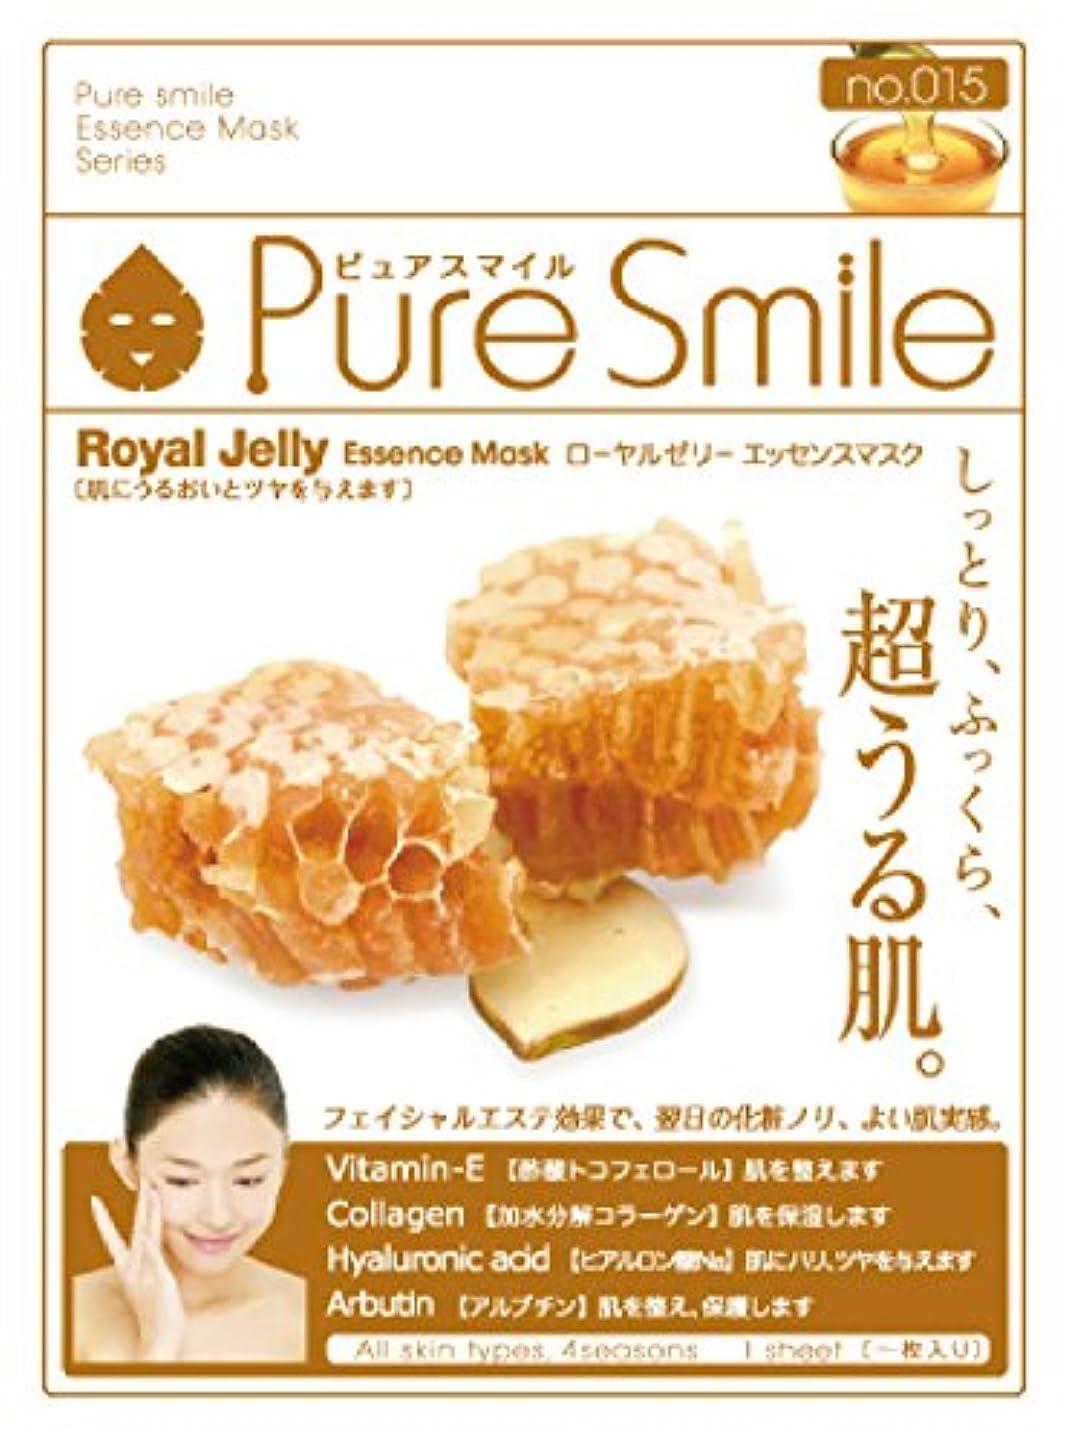 変化どこか気絶させるPure Smile エッセンスマスク ローヤルゼリー 23ml?30枚